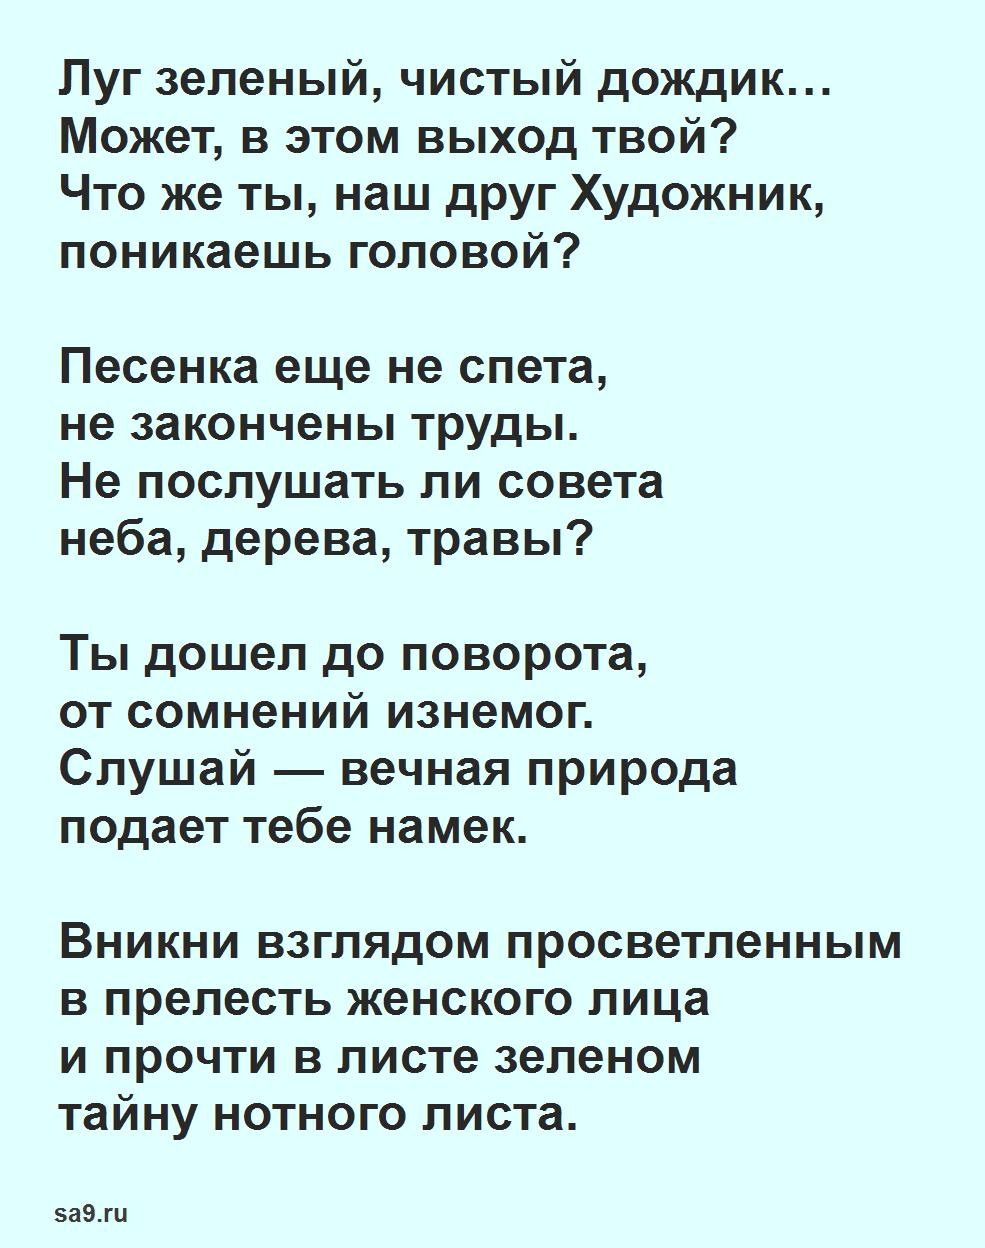 Стихи Ахмадулиной о природе - Луг зеленый